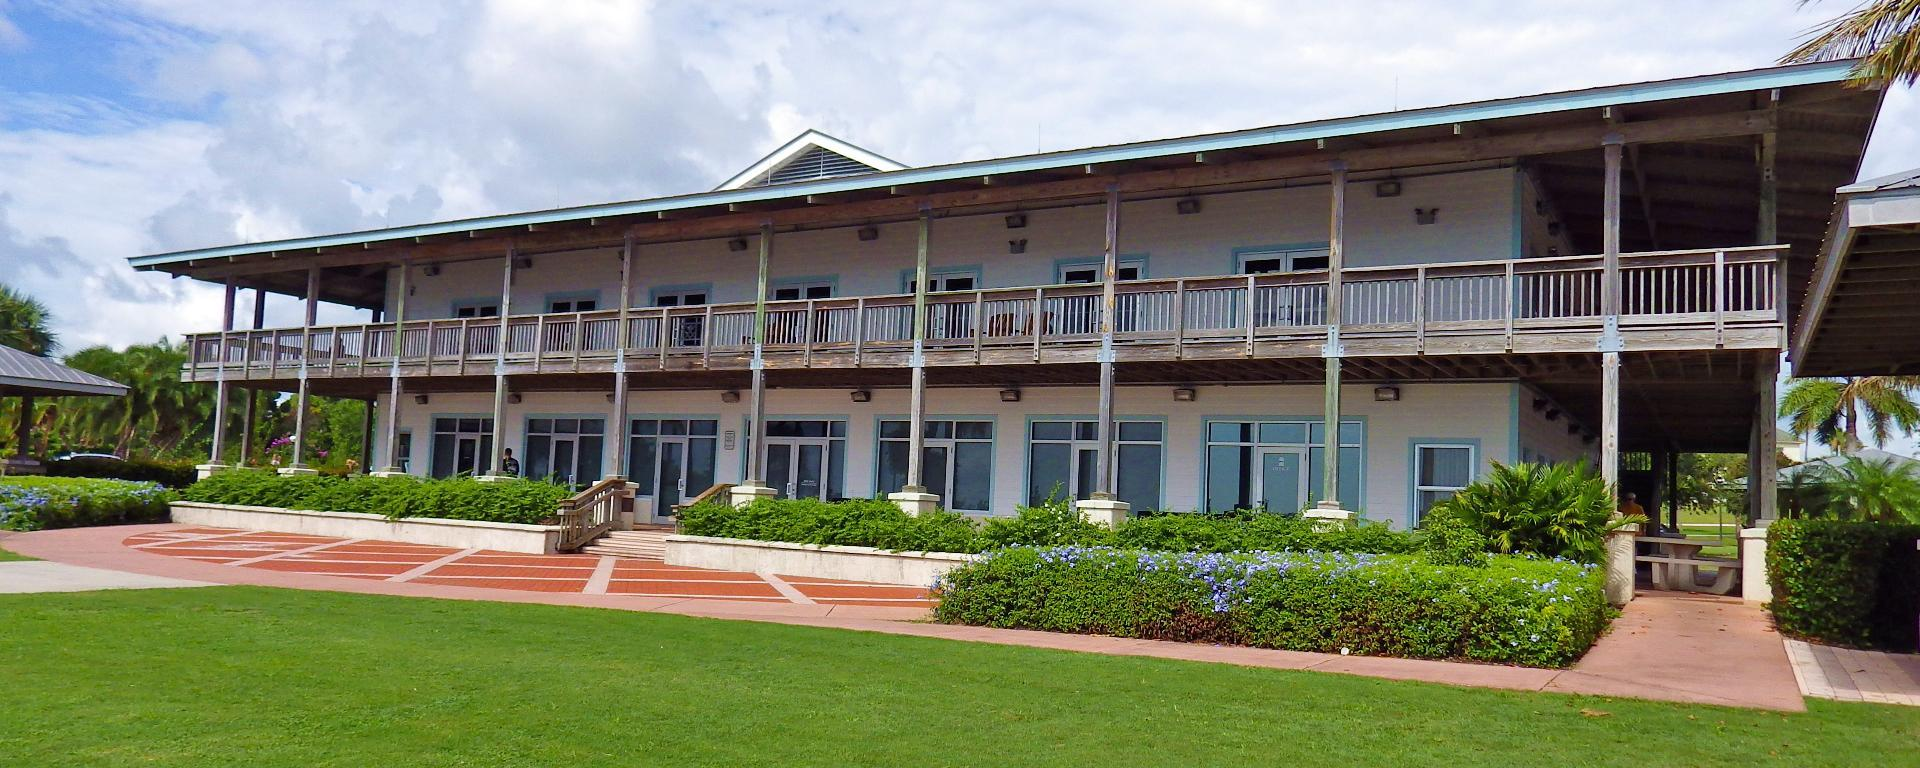 Frances Langford Dockside Pavilion